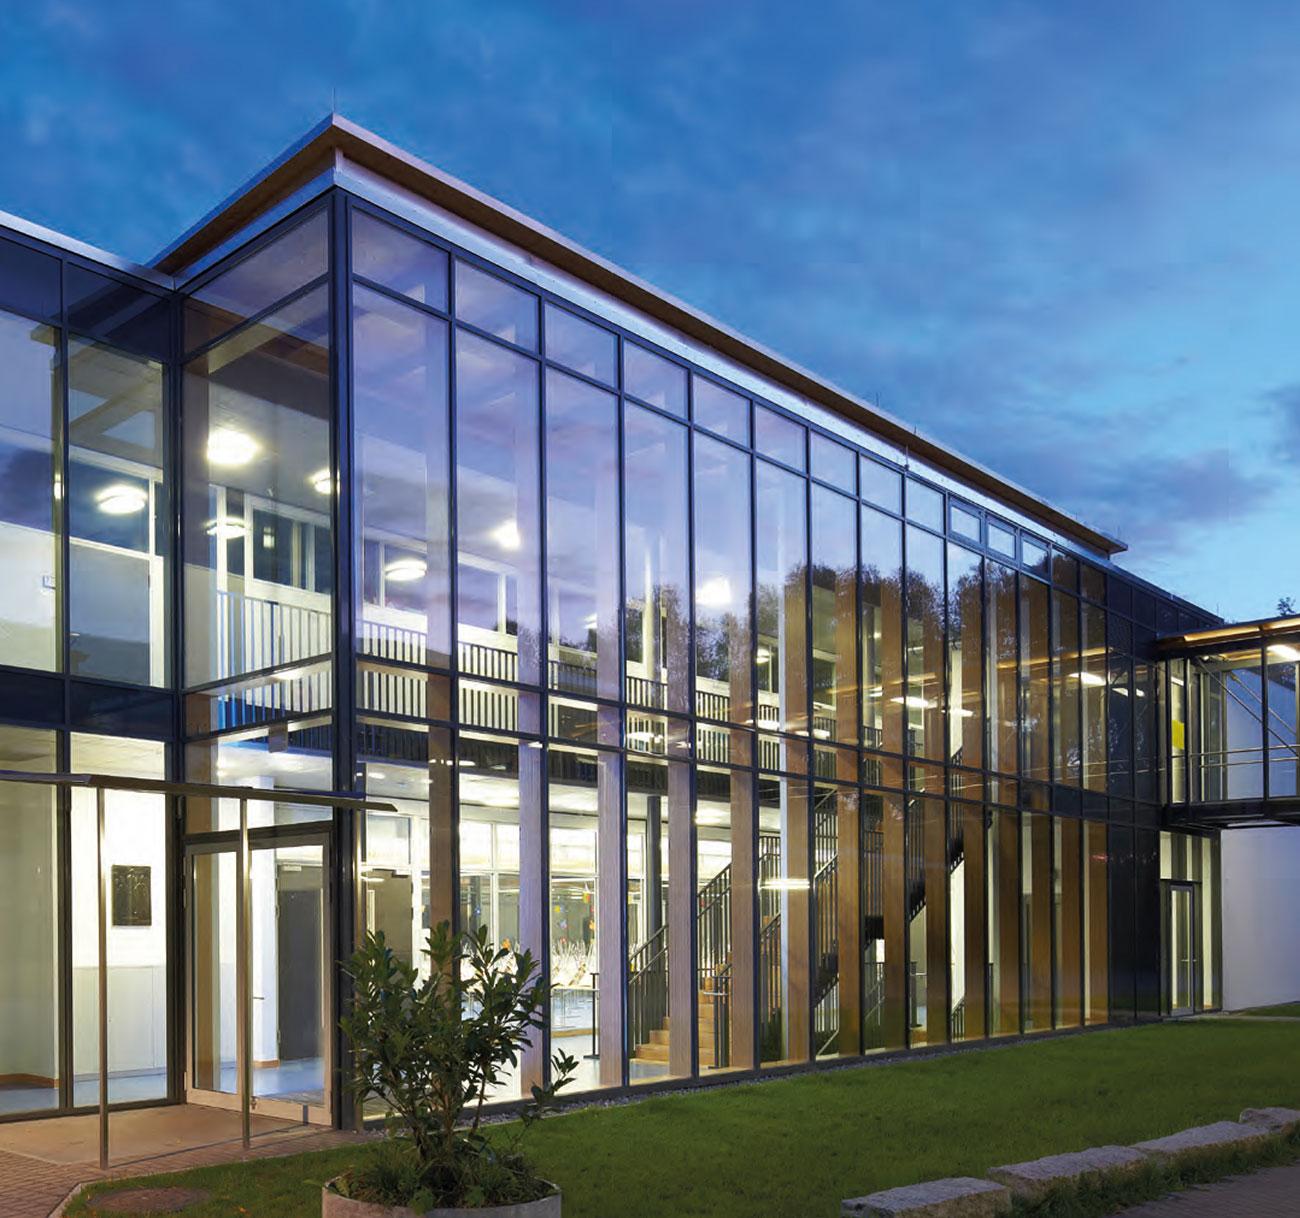 Holz-Aluminium-Fenster von Ottis in Bad Düben, Leipzig und Dresden in Nordsachsen